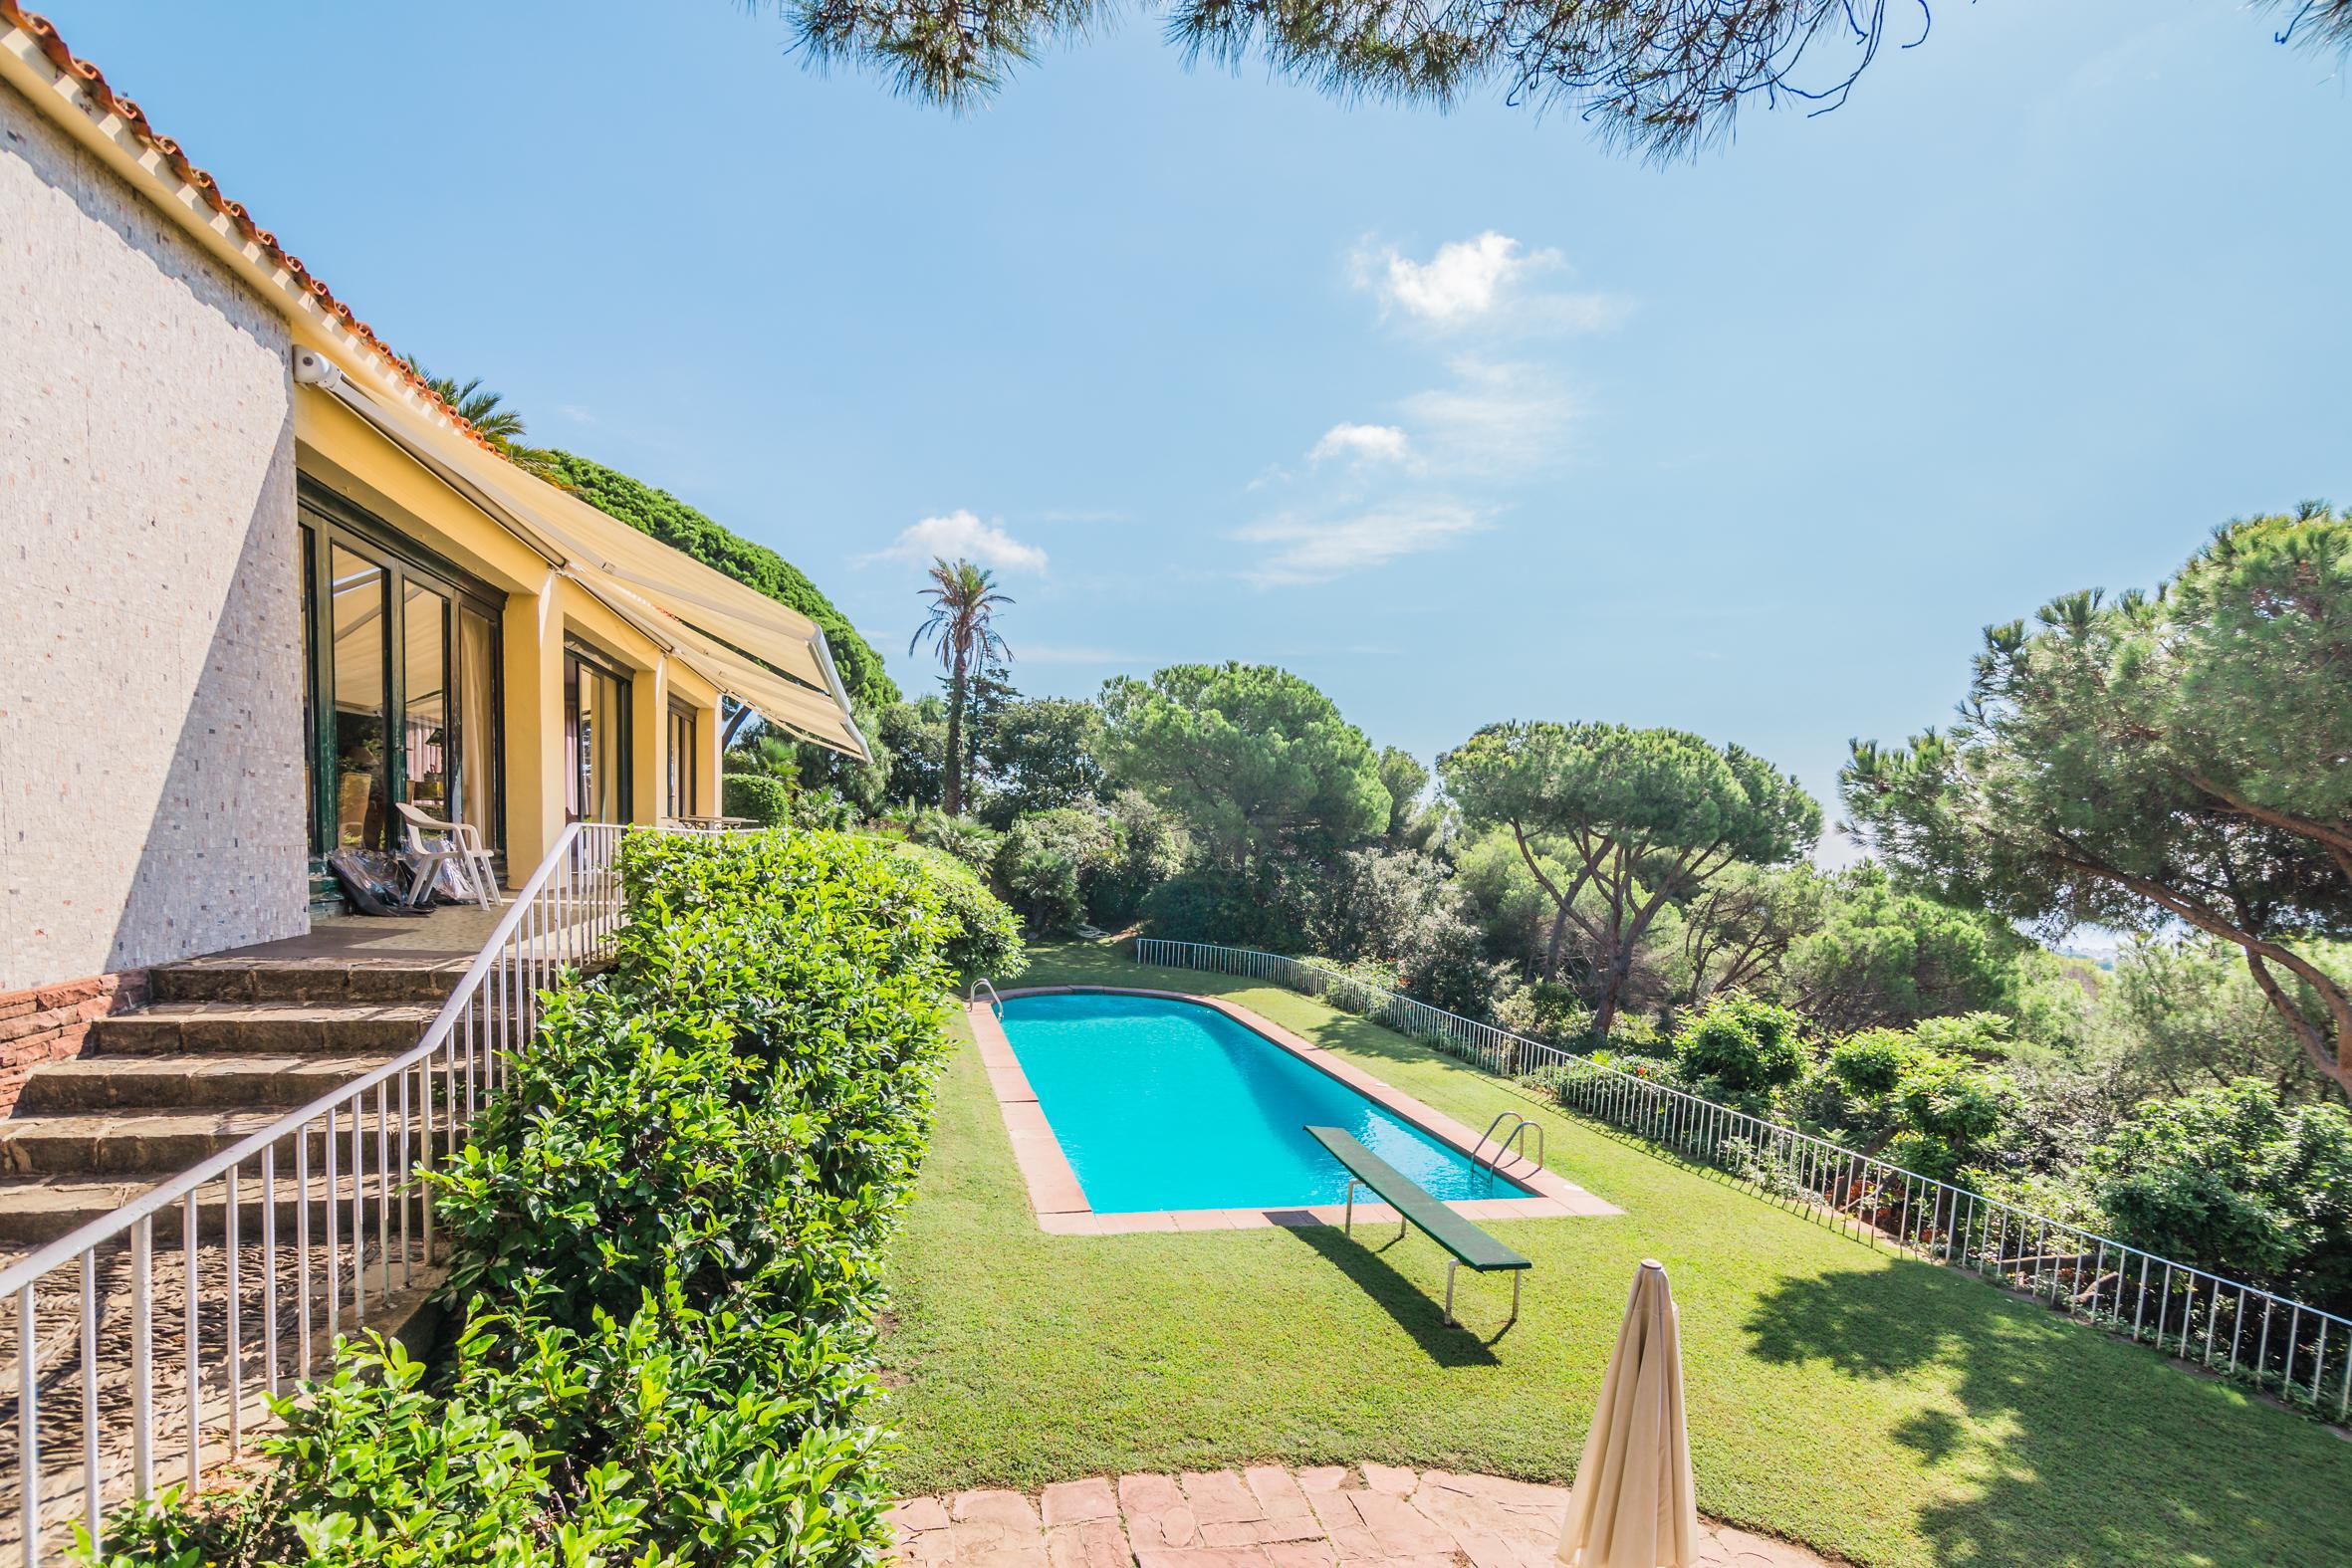 213533 Casa en venta en Sant Andreu de Llavaneres 24